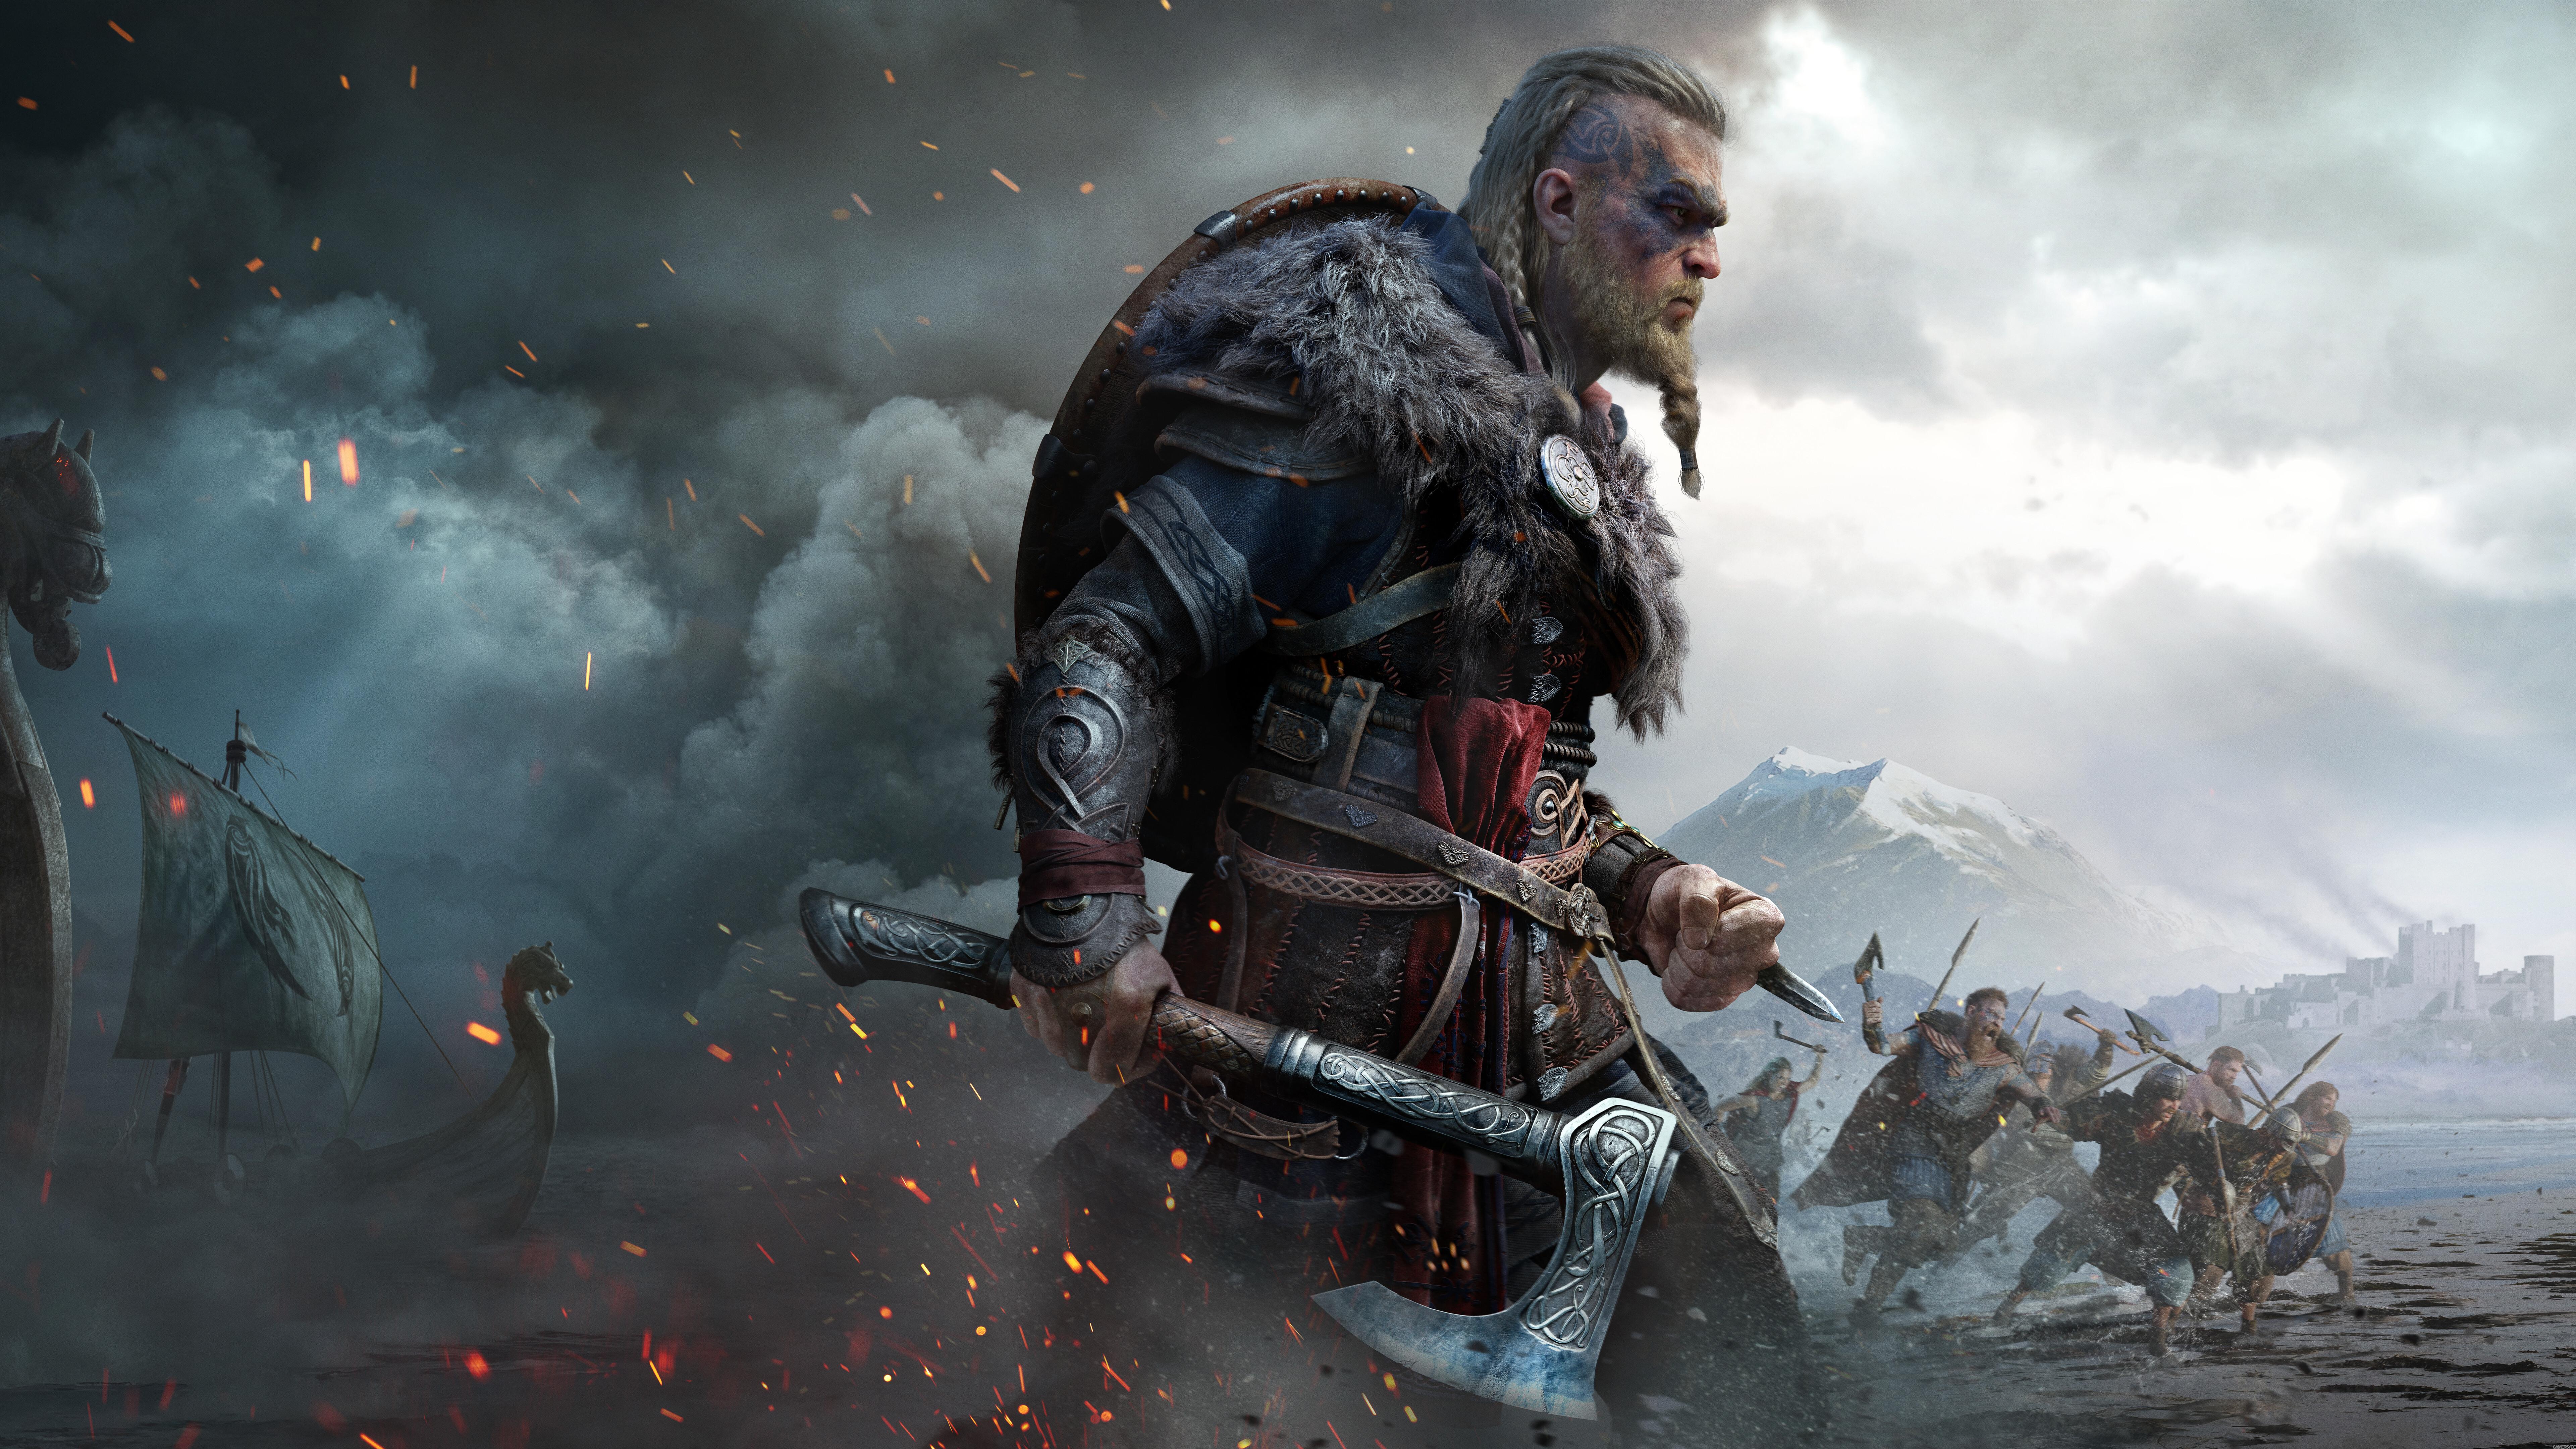 Eivor Assassins Creed Valhalla 8K Wallpaper 71979 7680x4320